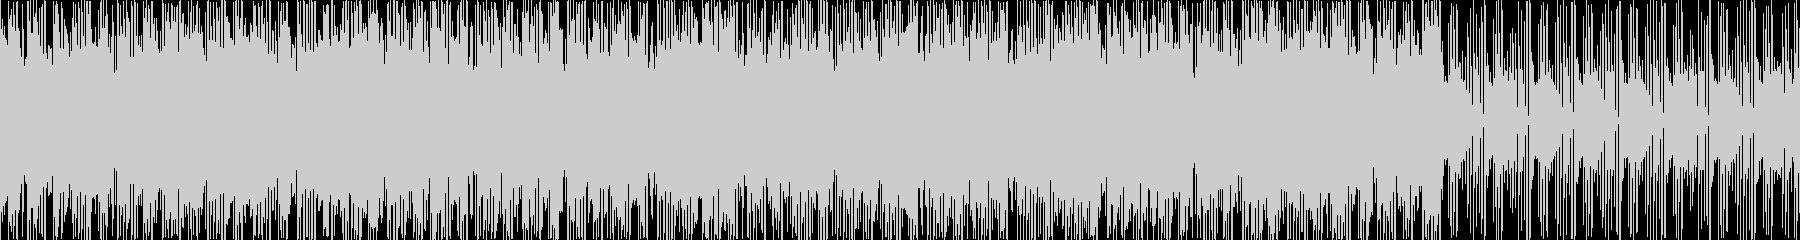 お洒落・ポジティブ・シンプルなBGM、Sの未再生の波形